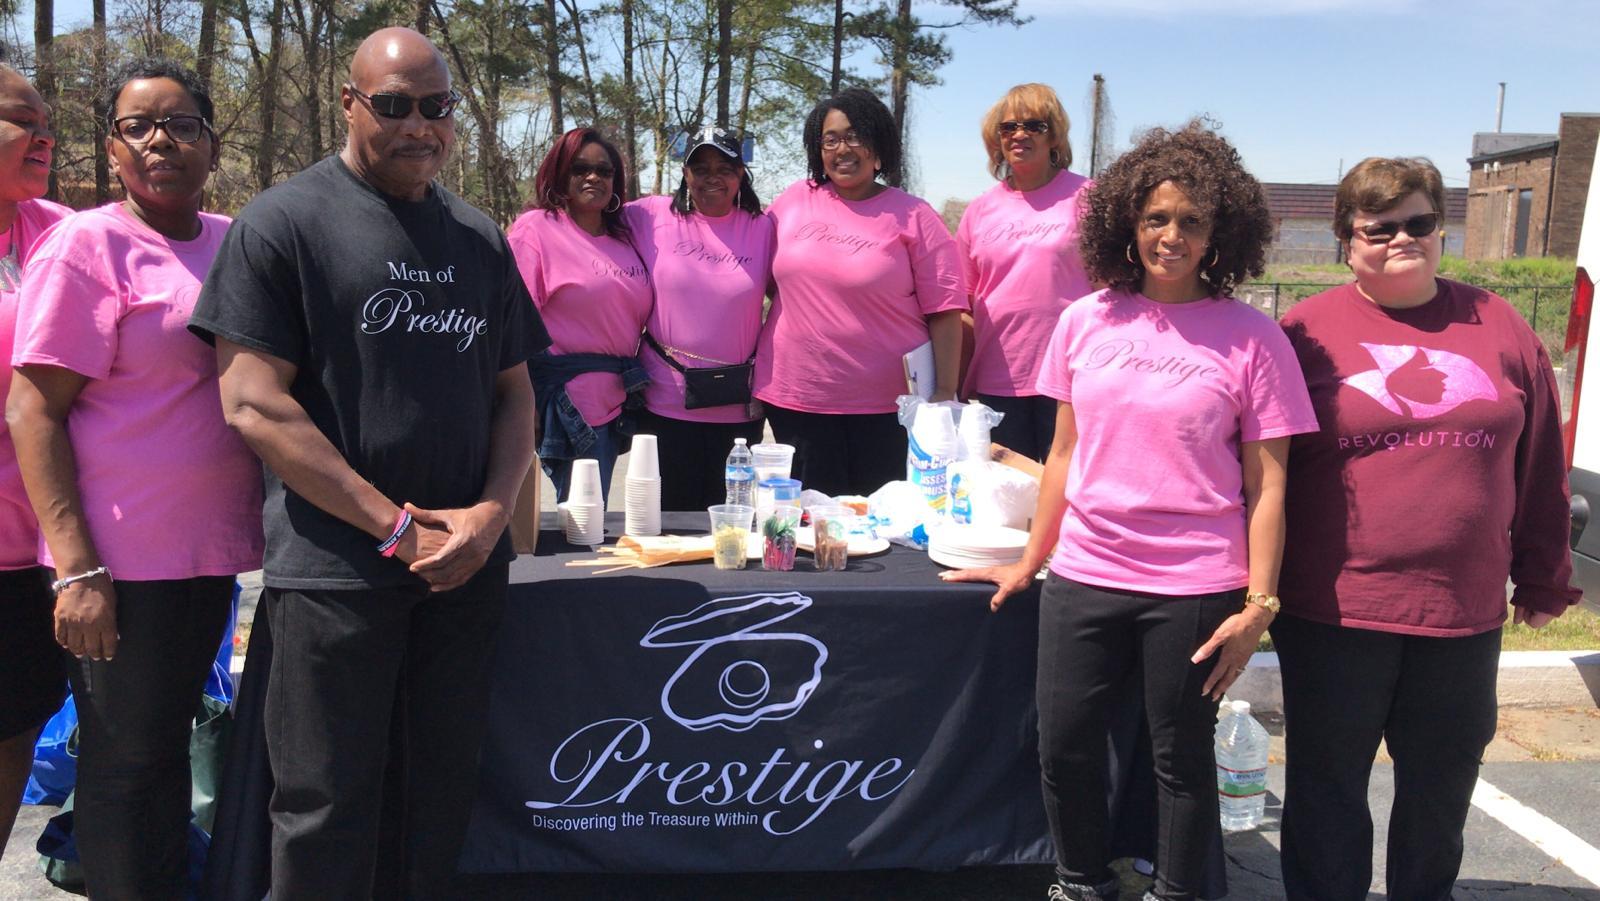 Prestige Ministry Visits Economy Hotel, Atlanta